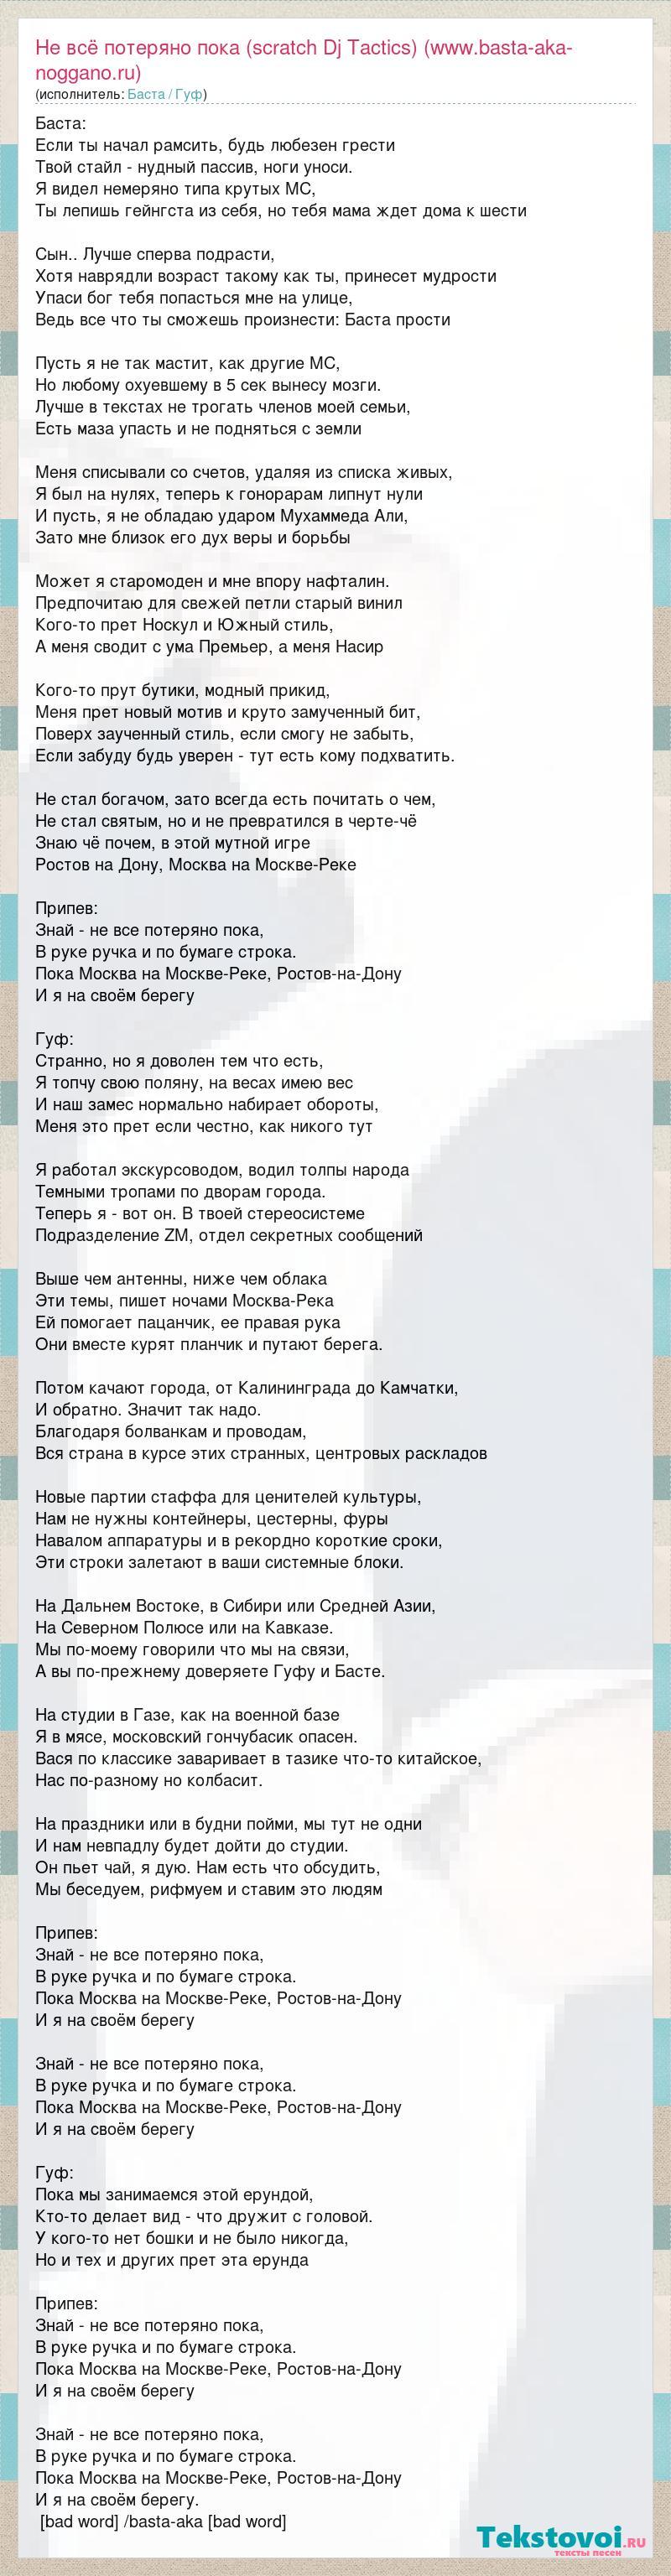 """""""не рамси, если не вывозишь"""". 15 слов, которые введут москвича в ступор"""